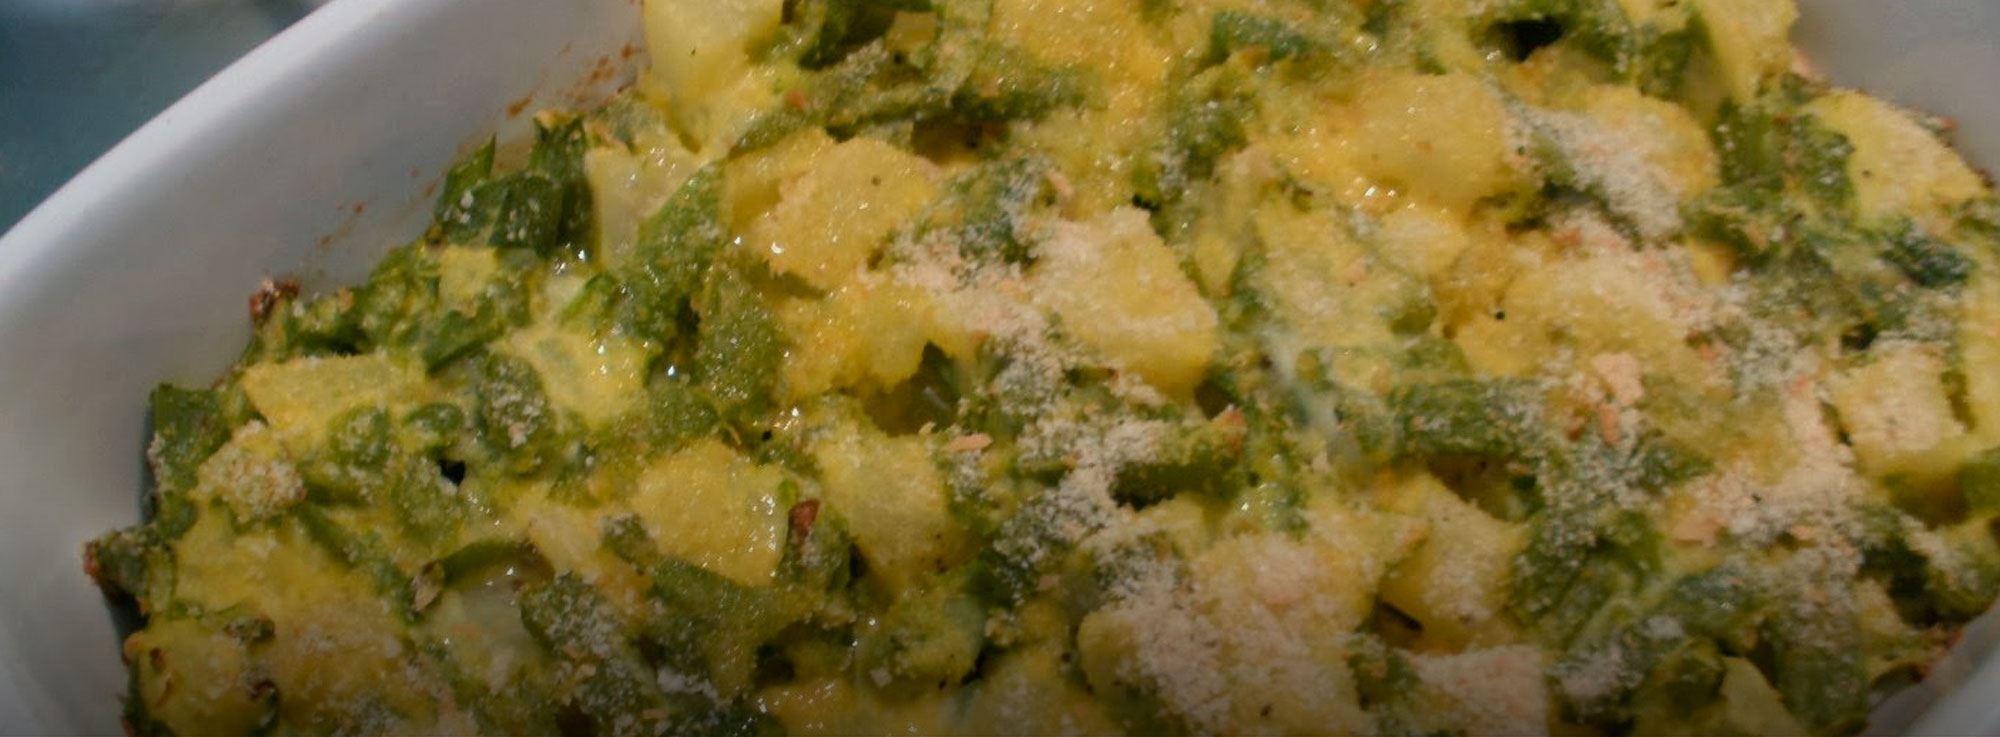 Ricetta: Pasticcio di fagiolini e patate gratinati